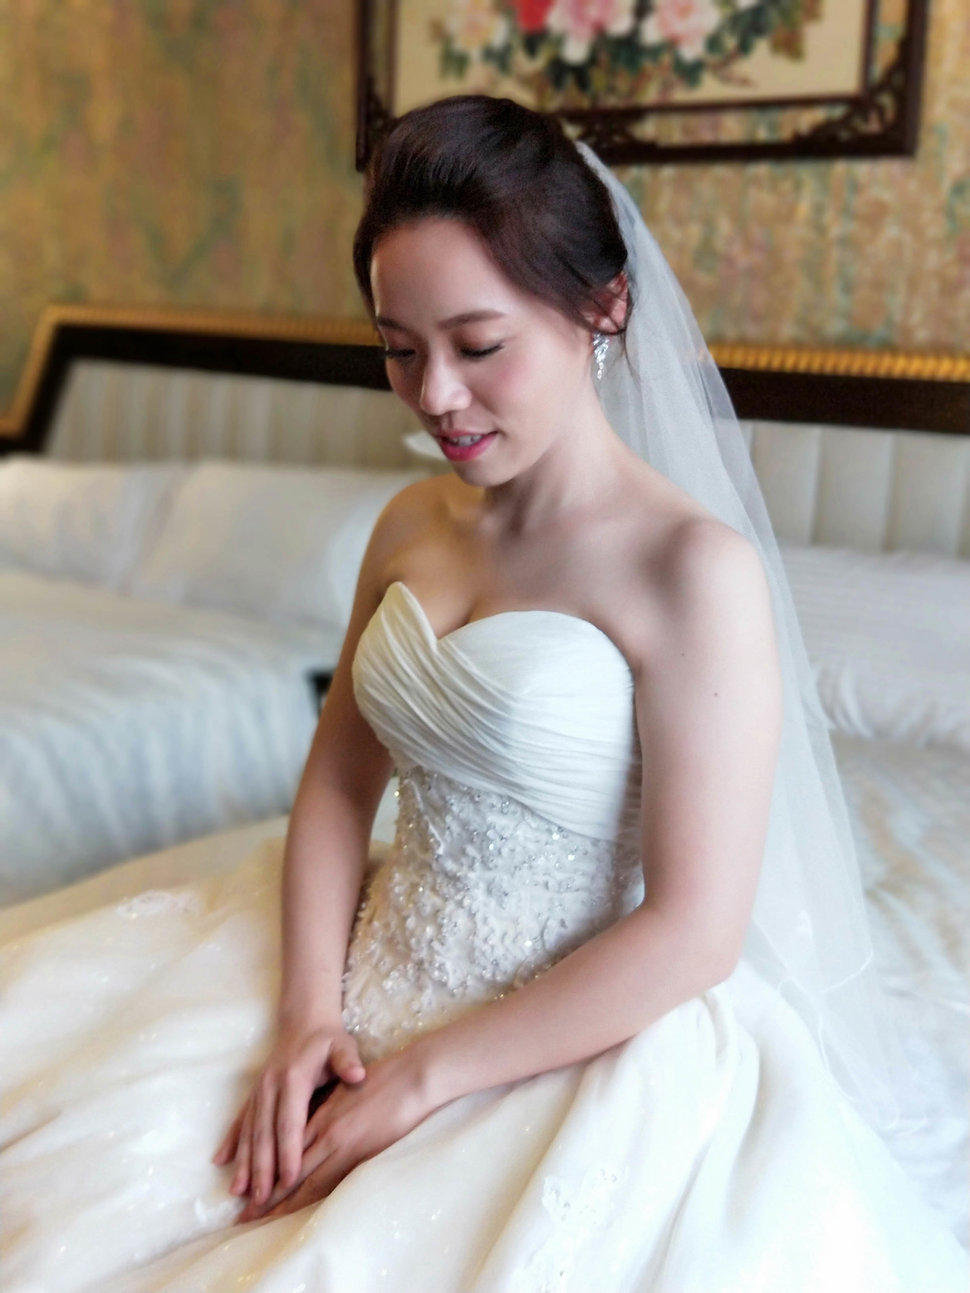 IMG20171112070450 - 新娘秘書 Yumi陳竹竹 造型工作室 - 結婚吧